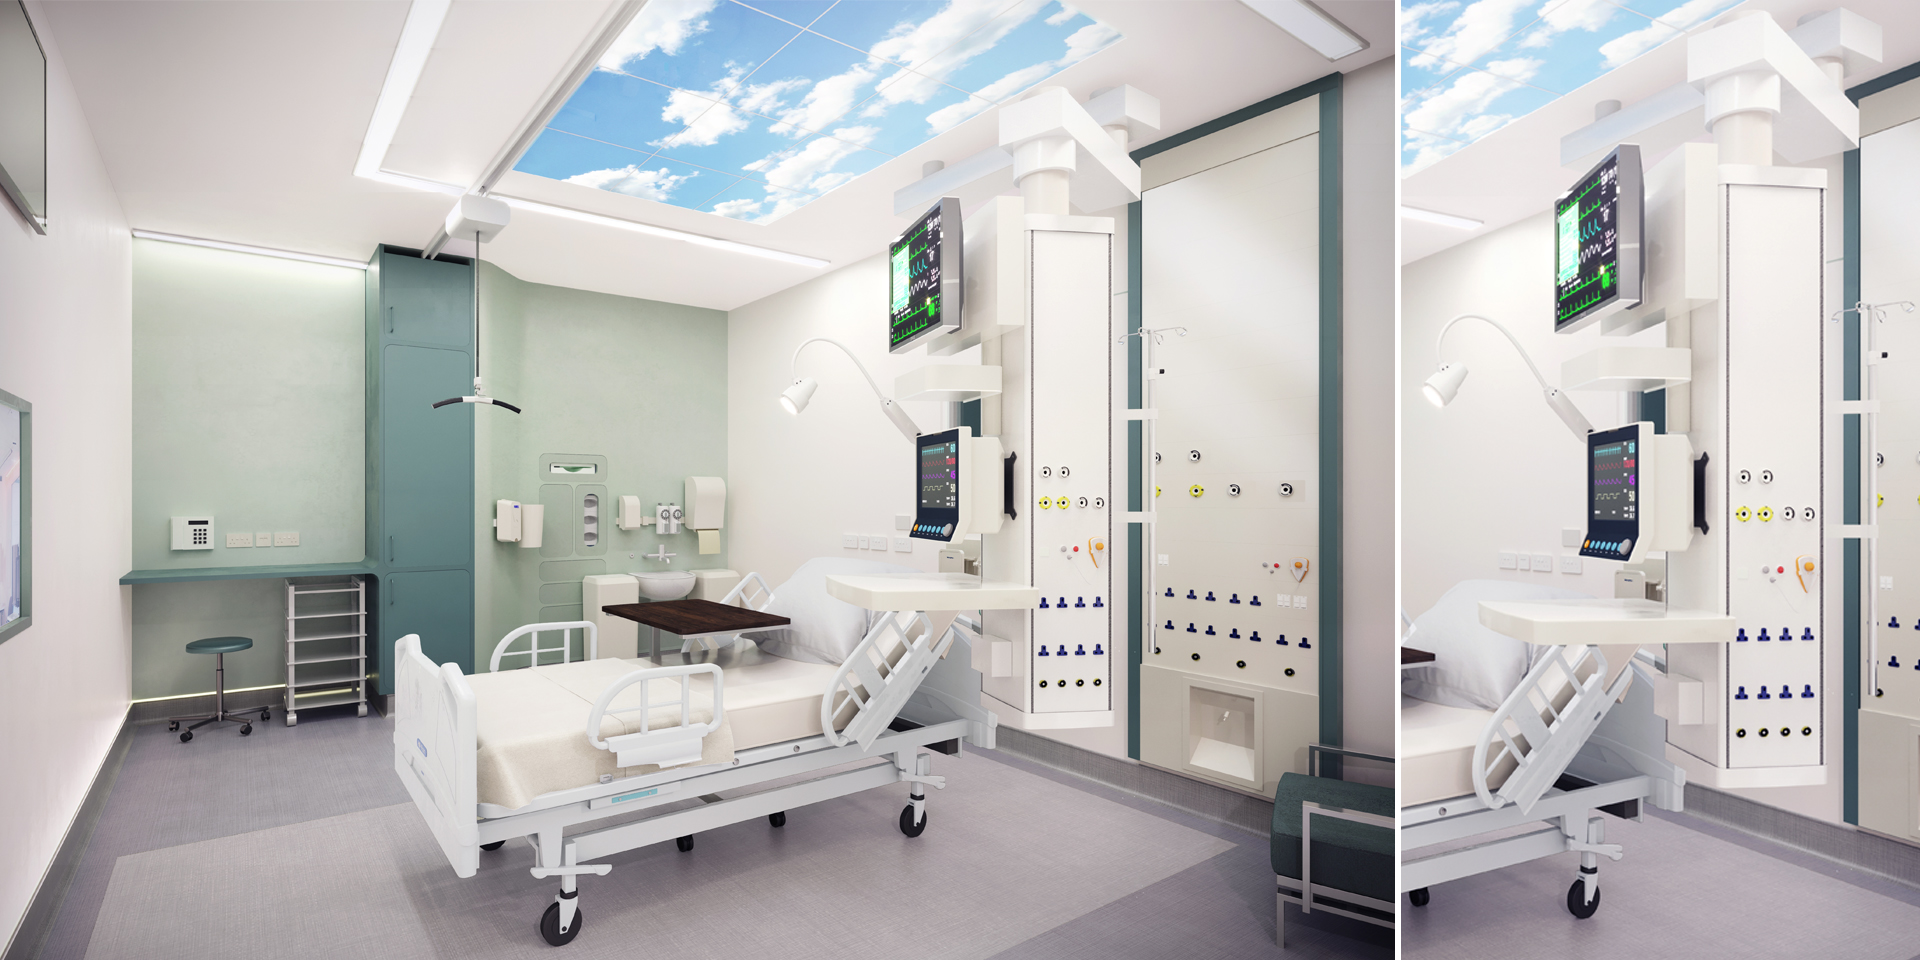 ICU Room